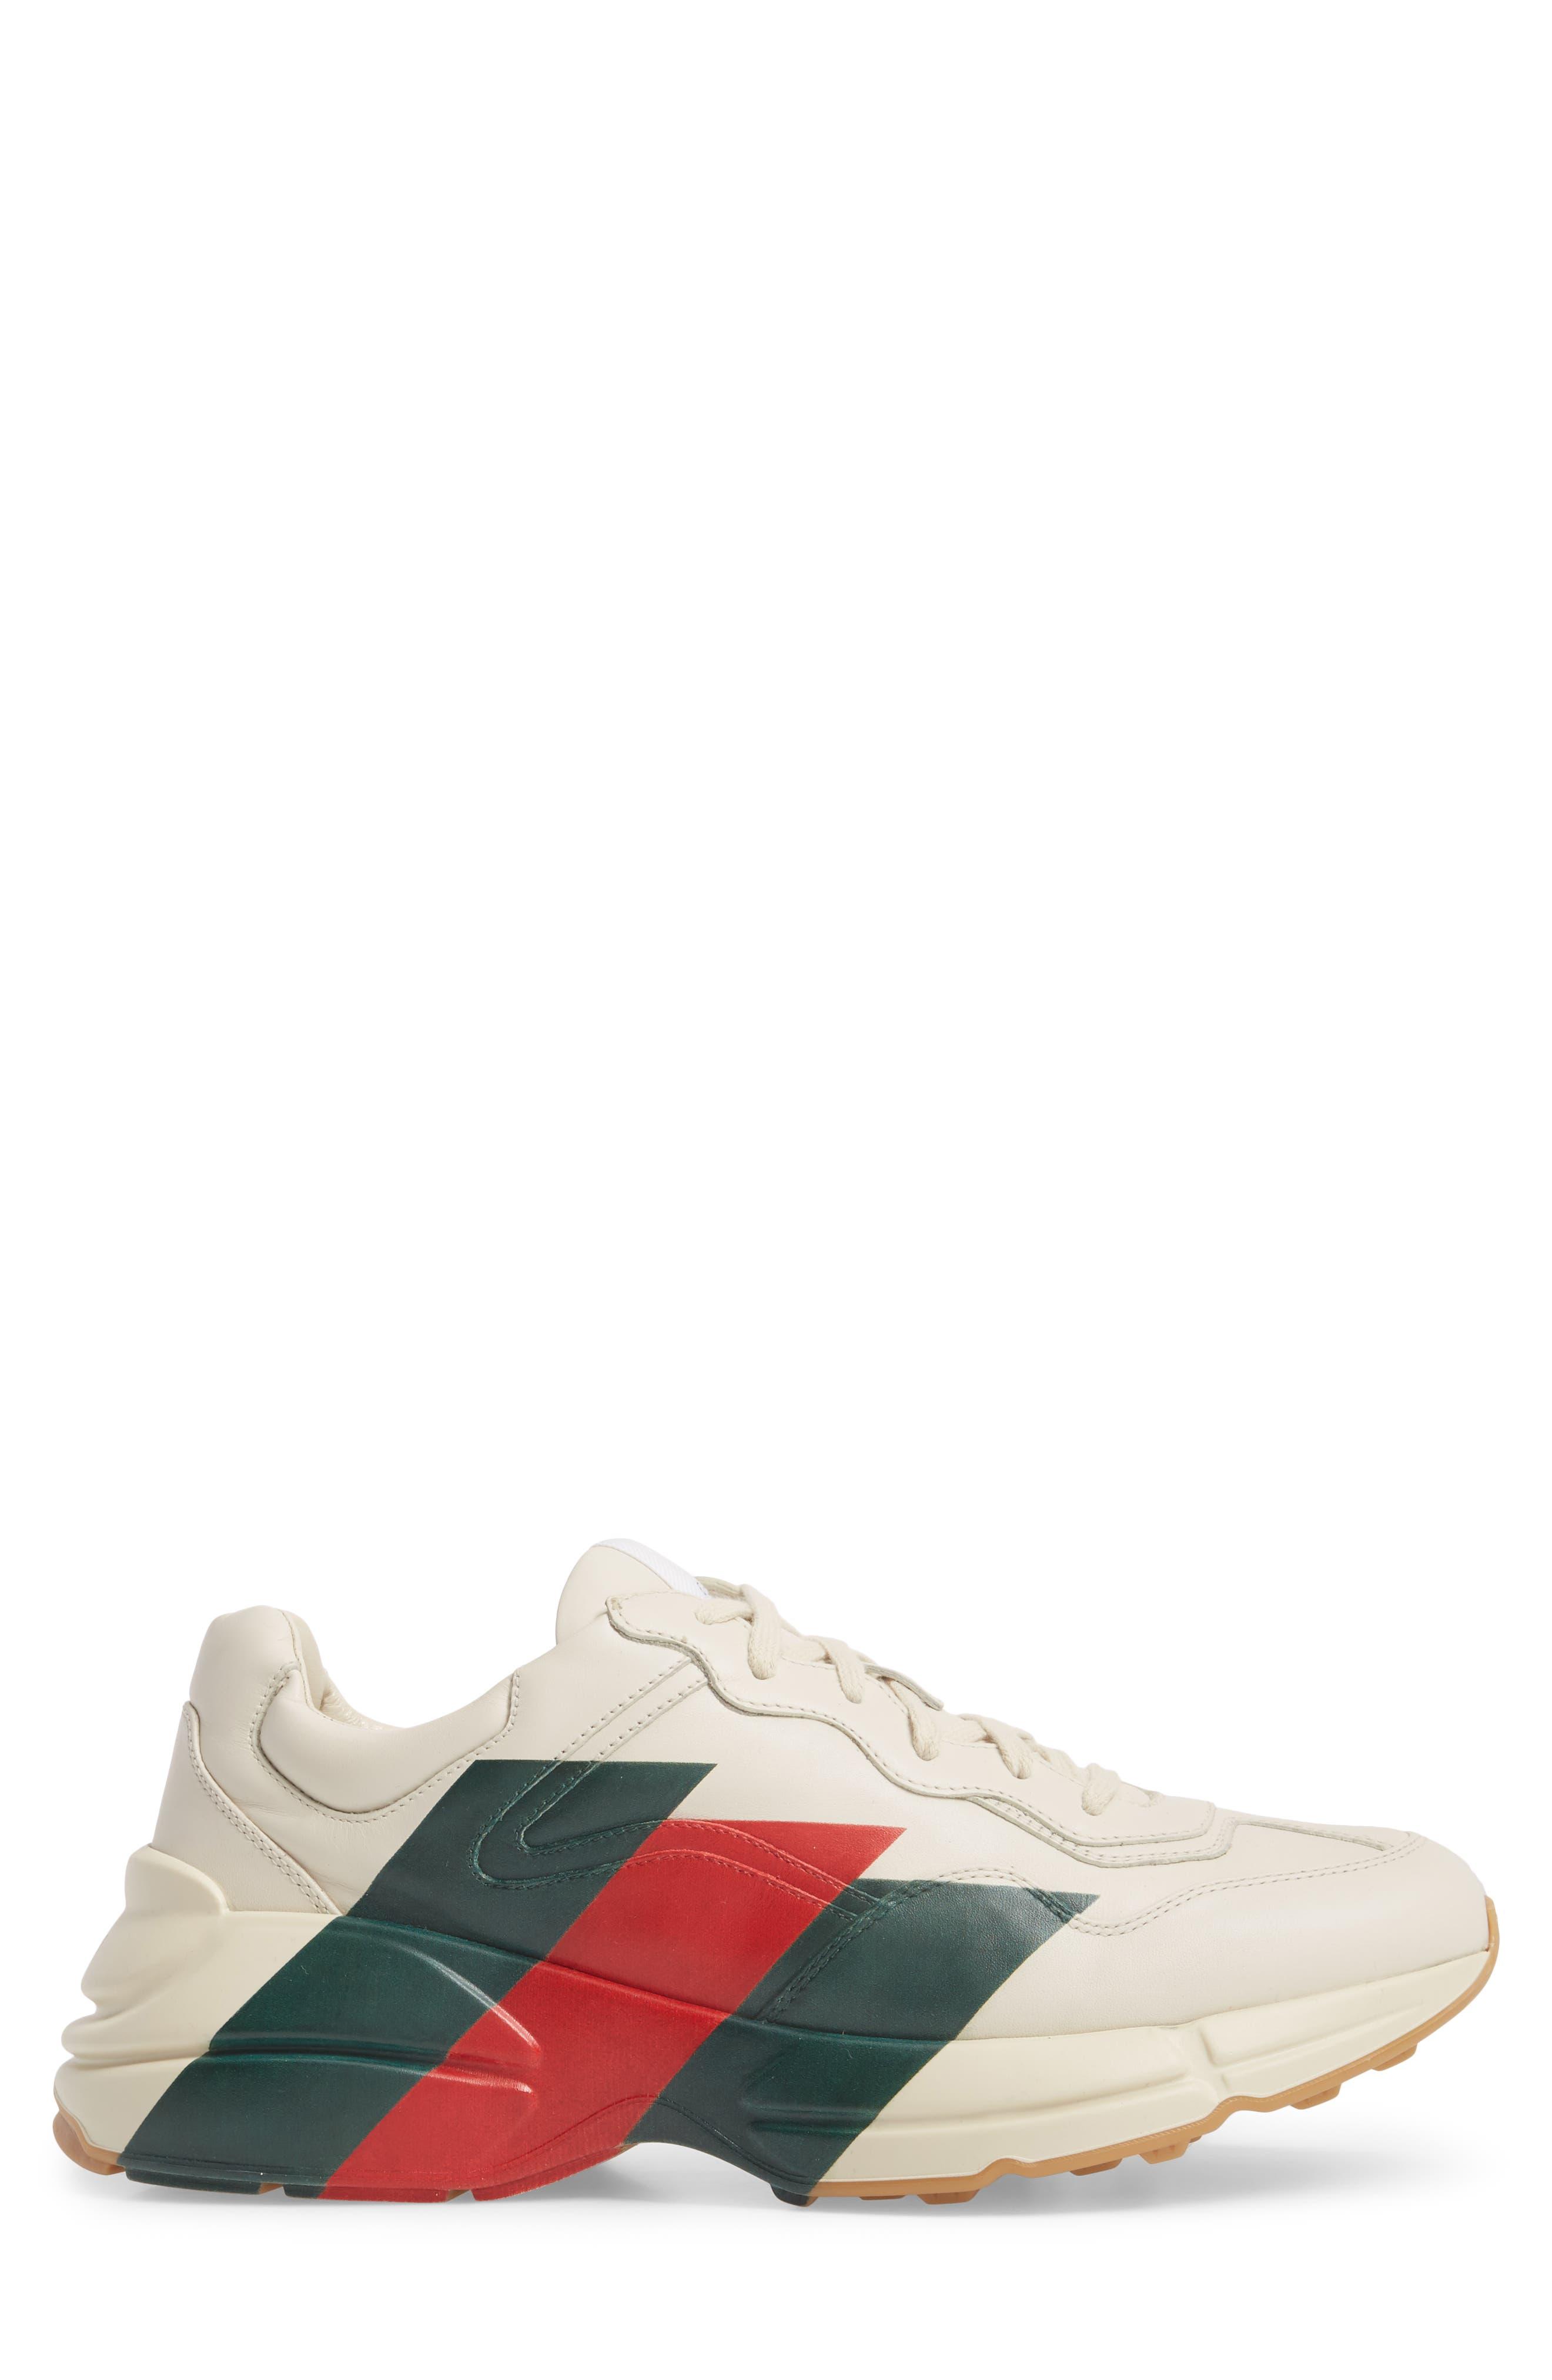 Rhyton Sneaker,                             Alternate thumbnail 3, color,                             MYSTIC WHITE